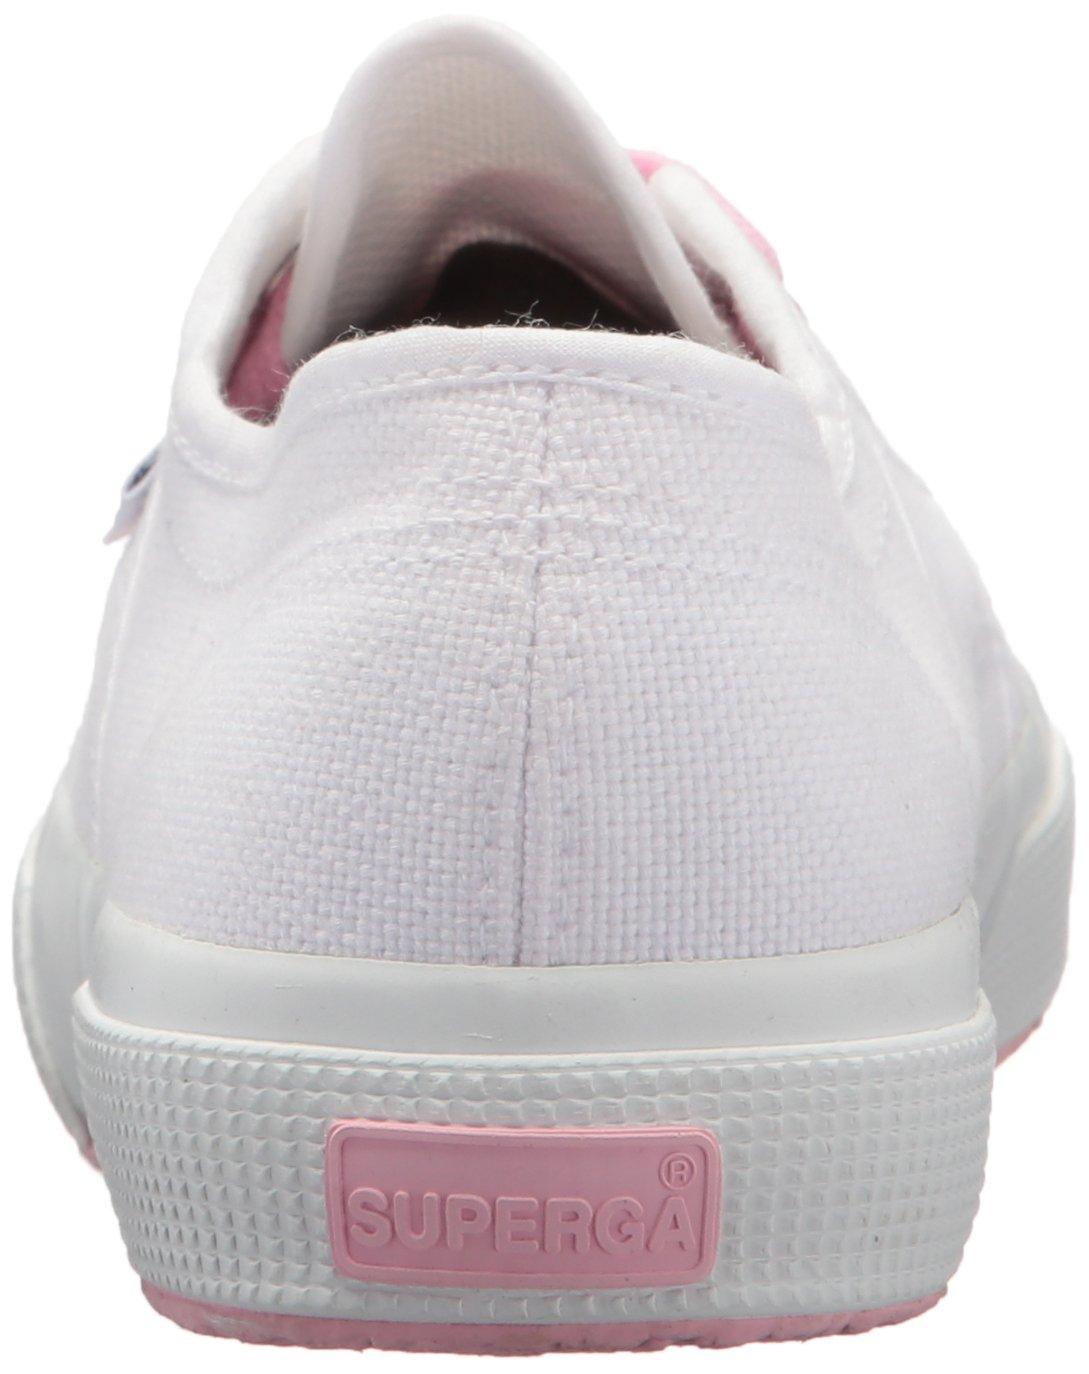 b8fca4e574 Zapatillas Superga 2750 Cotu para mujer Rosa / Multi